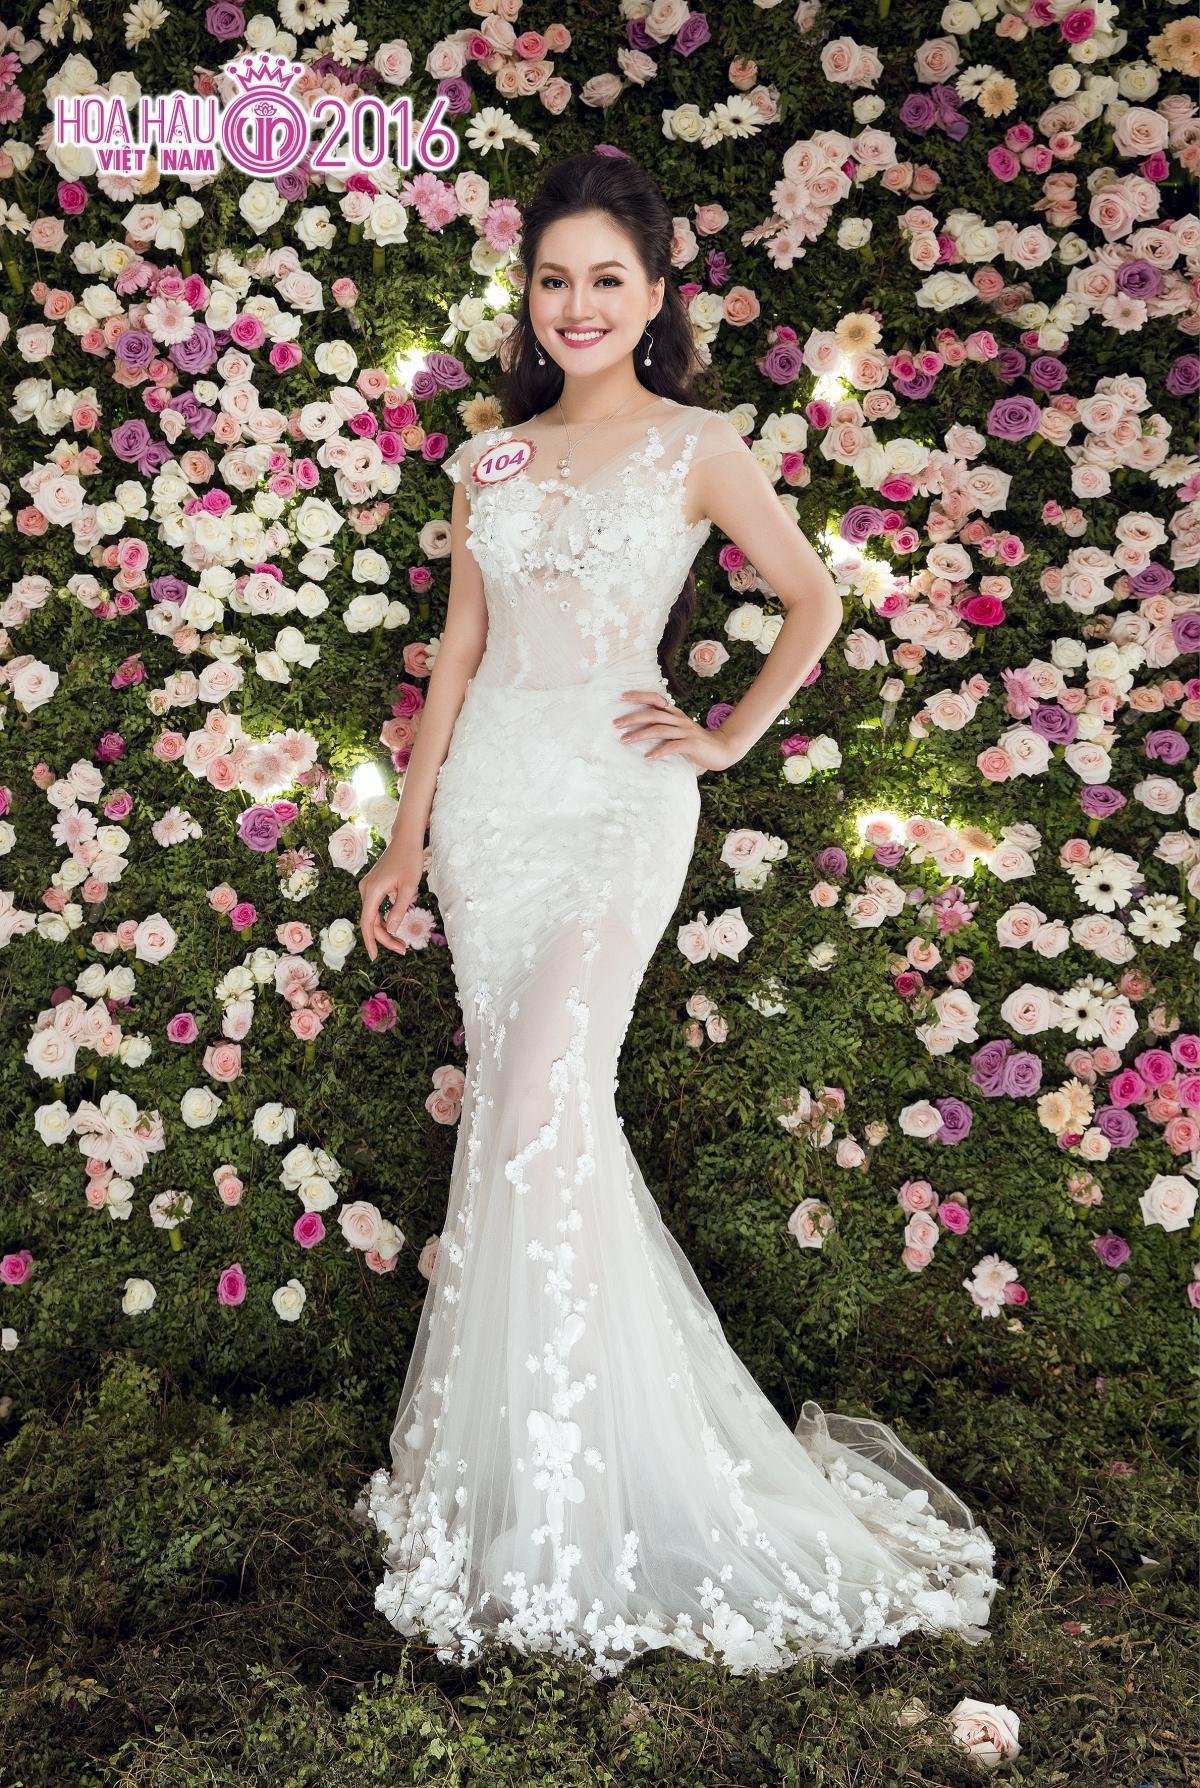 Có thể nói, các người đẹp Hoa hậu Việt Nam 2016 hoàn toàn thể hiện đúng thần  thái rạng rỡ và nhan sắc xinh đẹp.